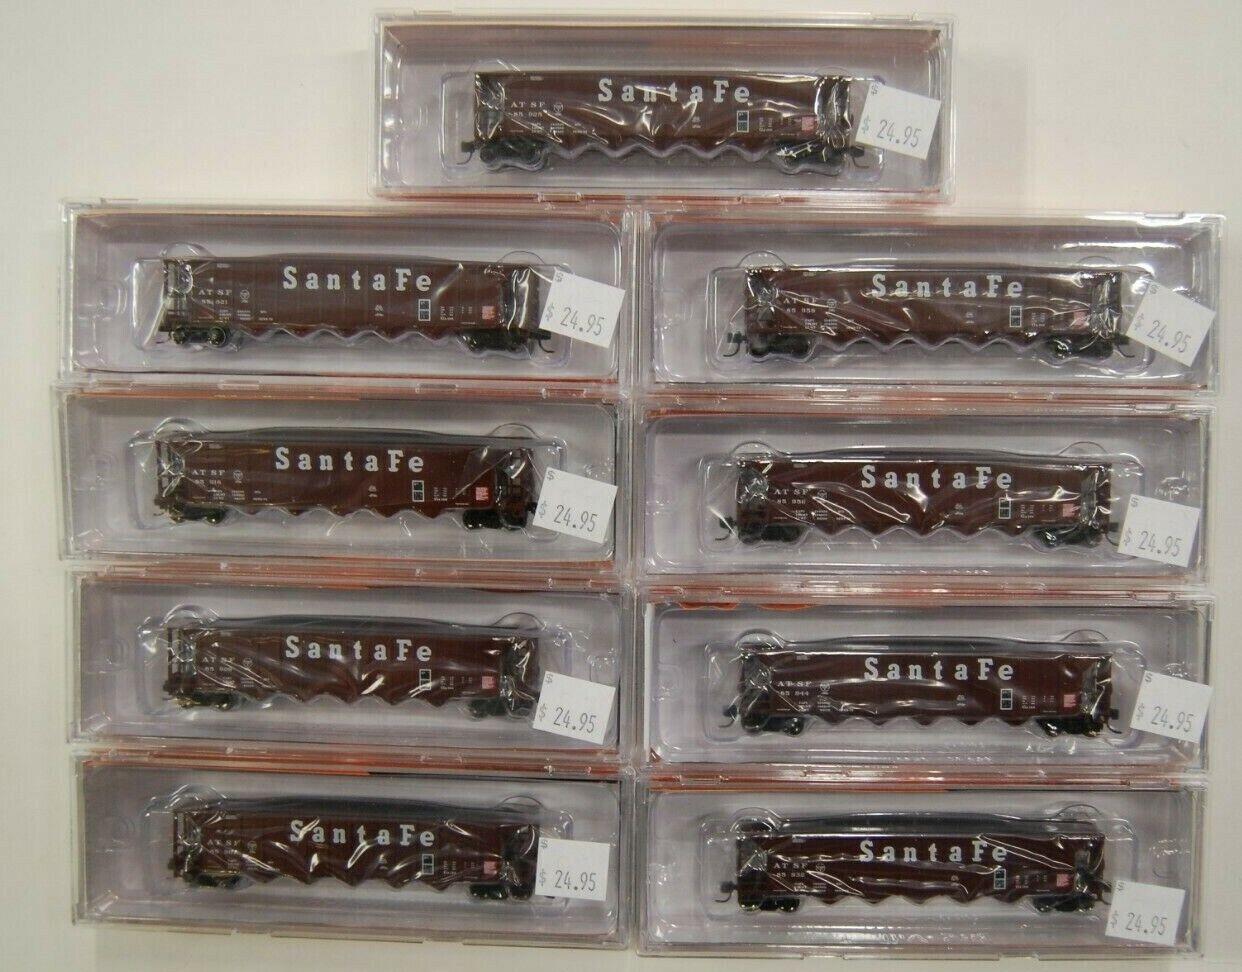 N Scale Fox Valley Models 83602, Ortner Hopper, Assortment 9 x Santa Fe (1-9)